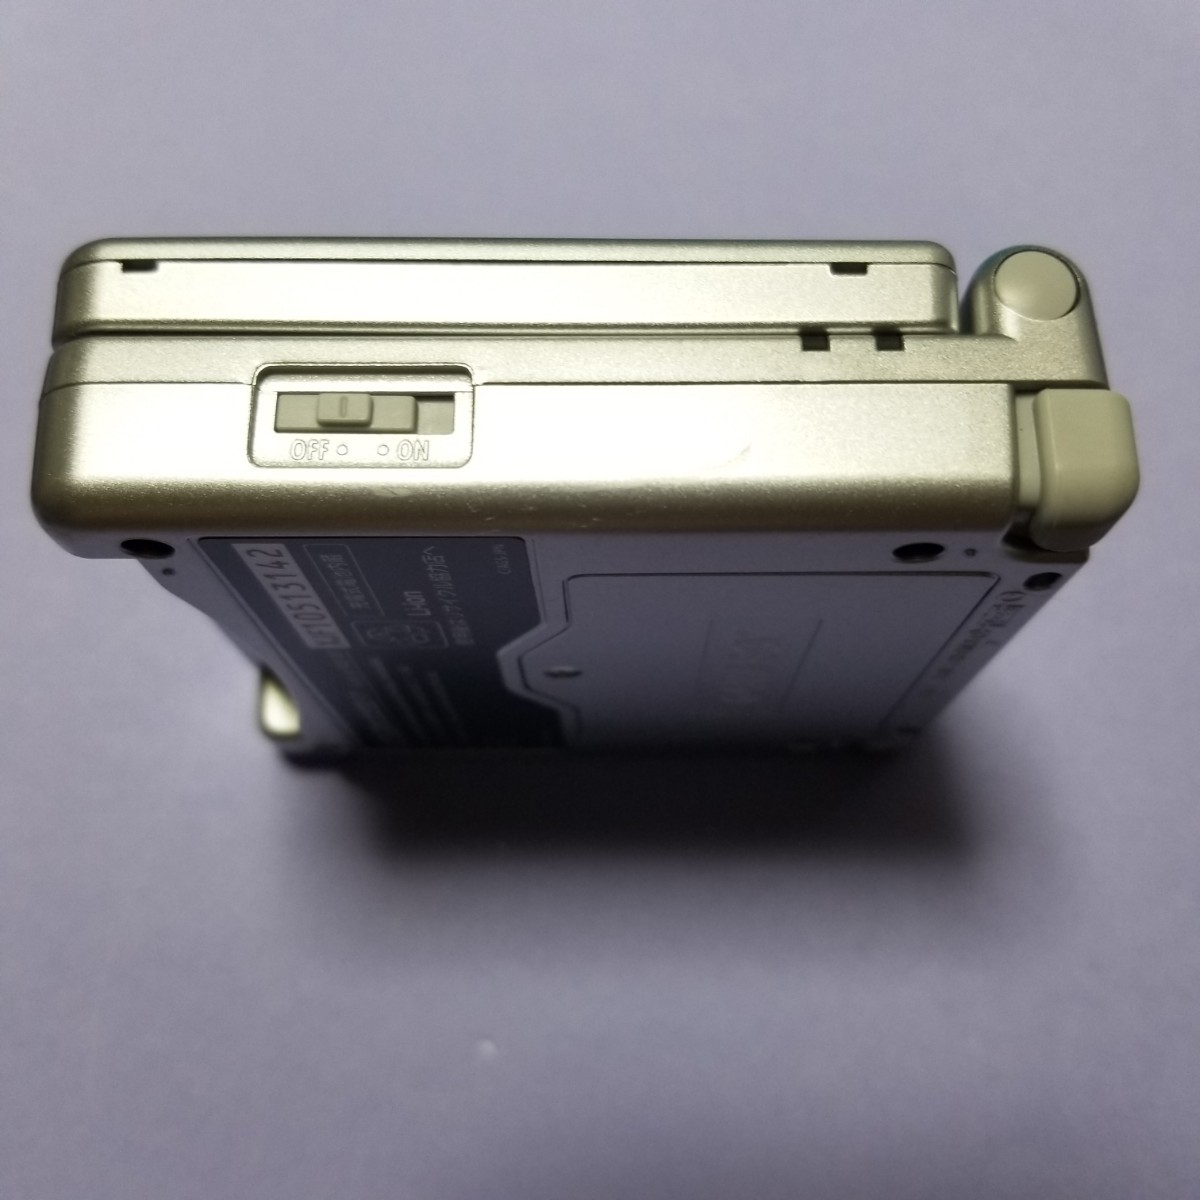 再値下げ ゲームボーイアドバンスSP シルバー+純正ACアダプタ セット おまけ付き